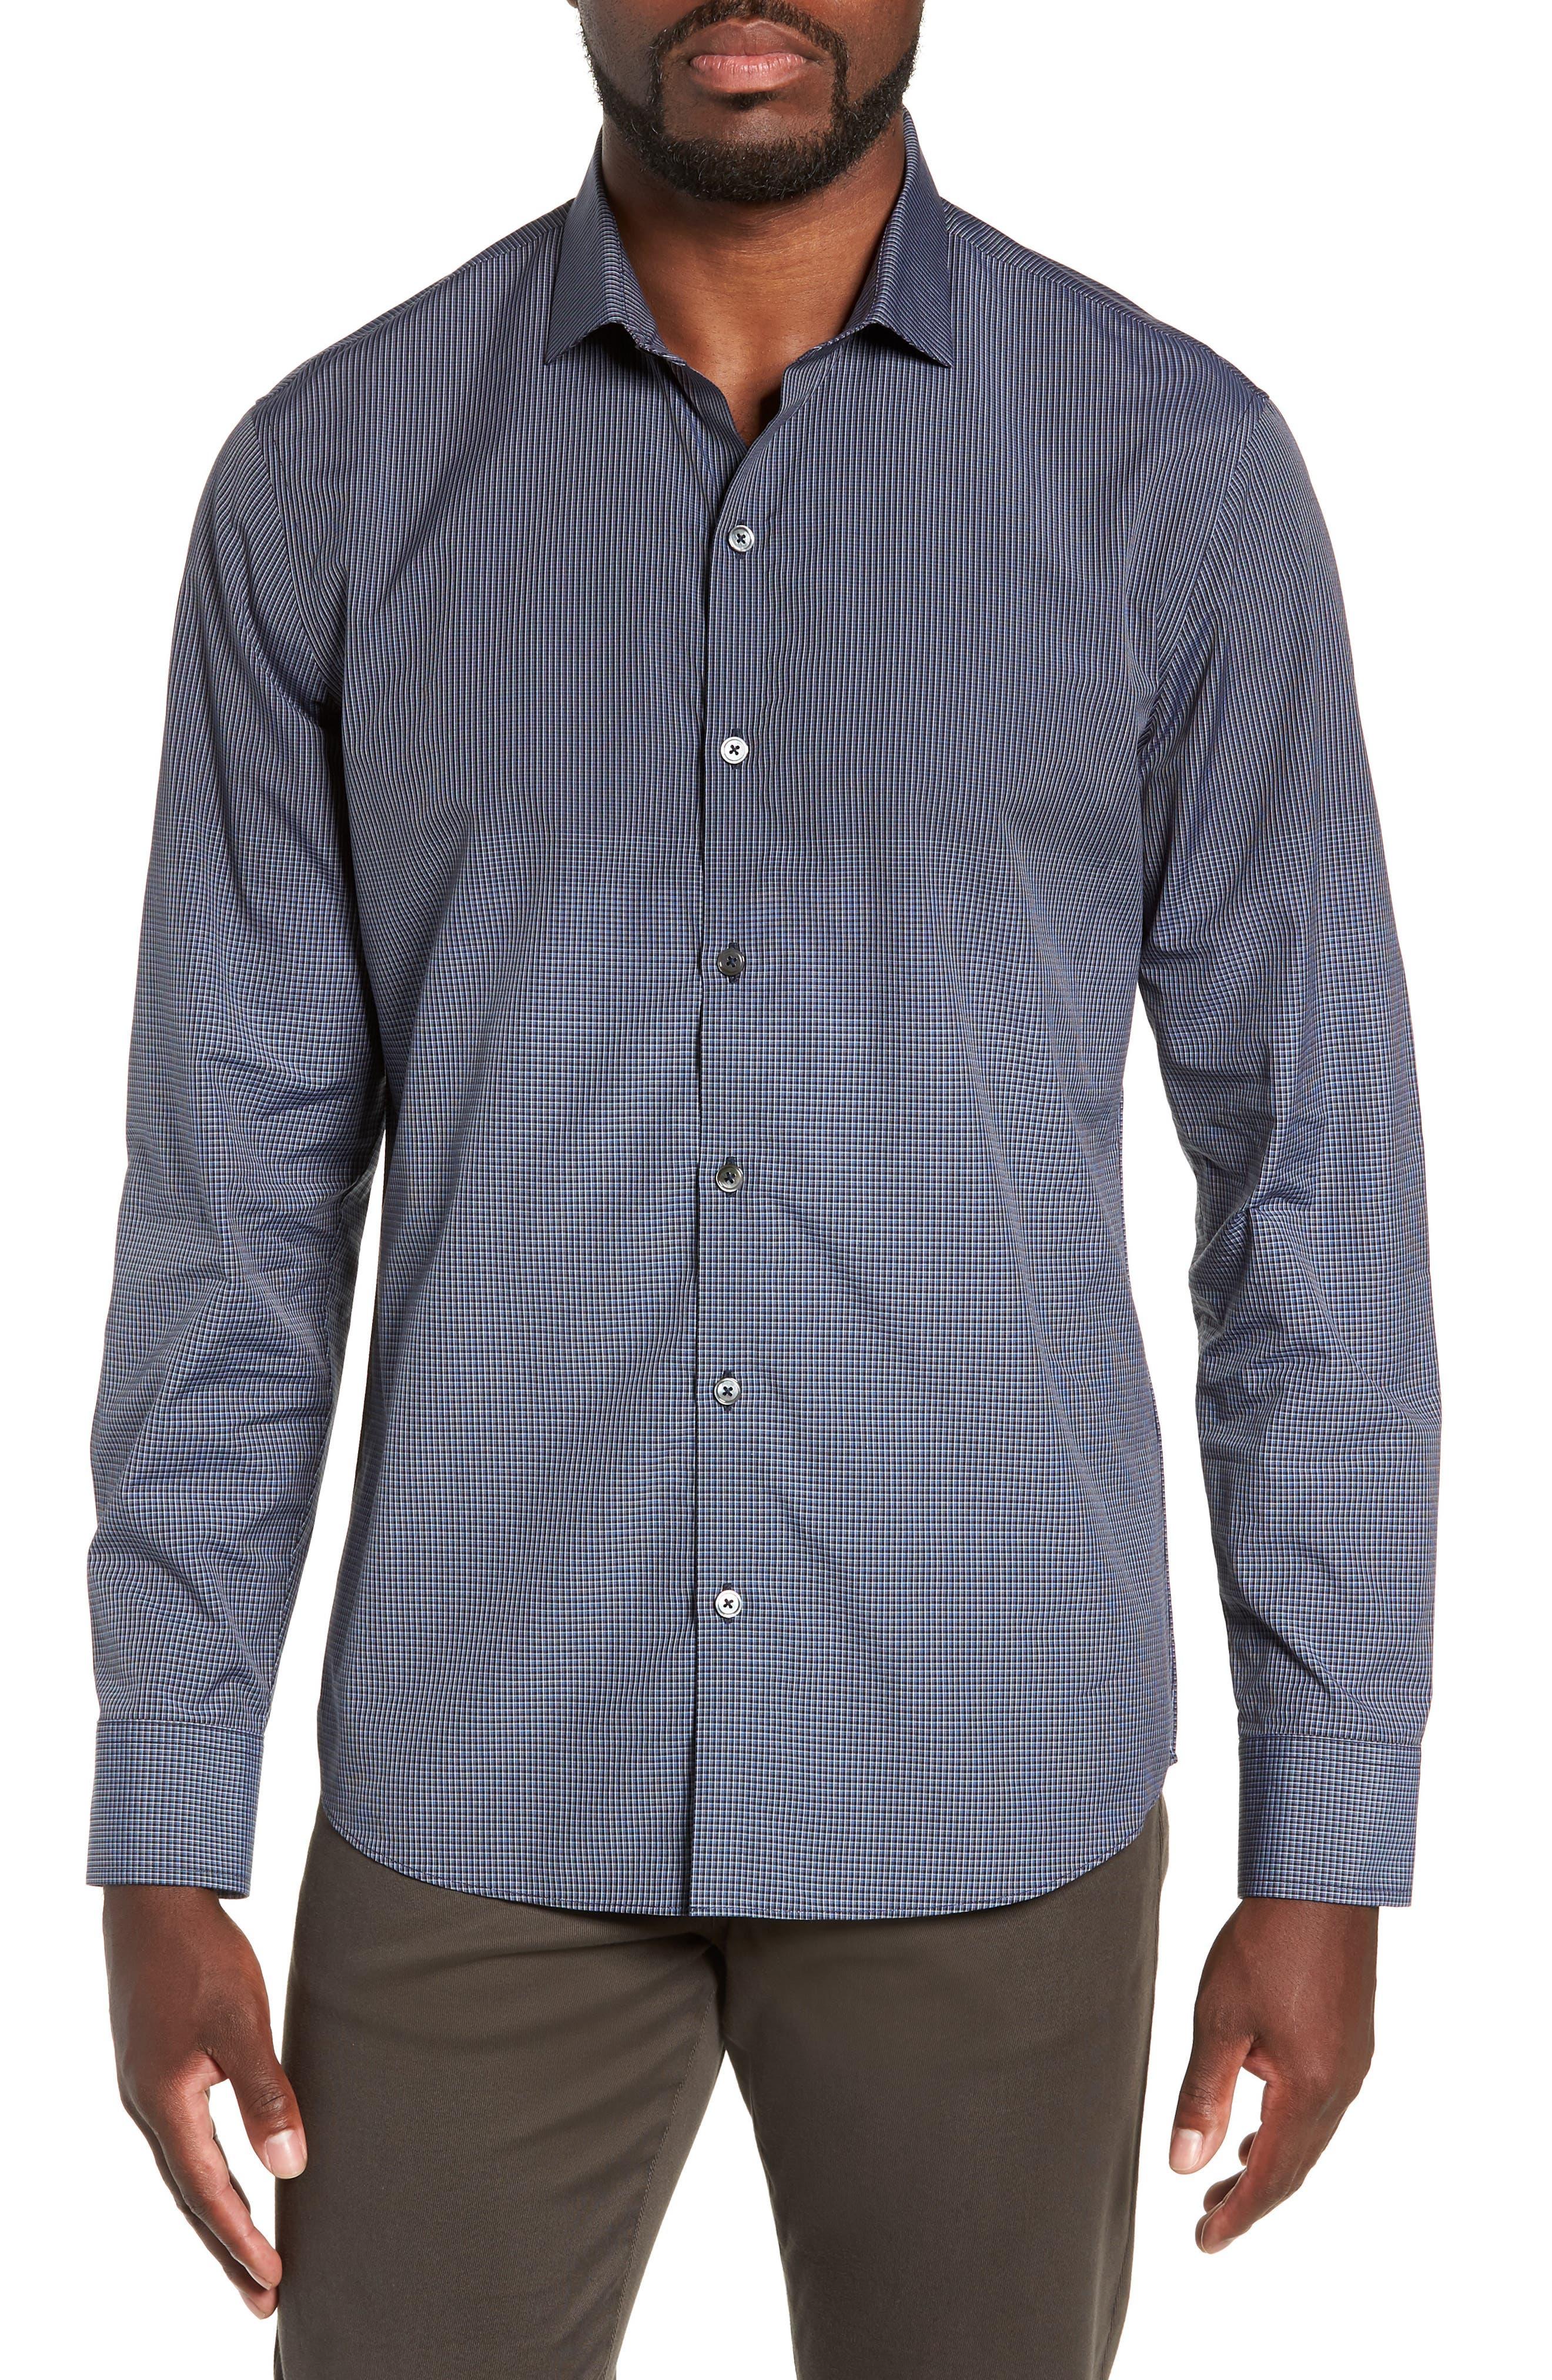 Hong Regular Fit Sport Shirt,                             Main thumbnail 1, color,                             NAVY